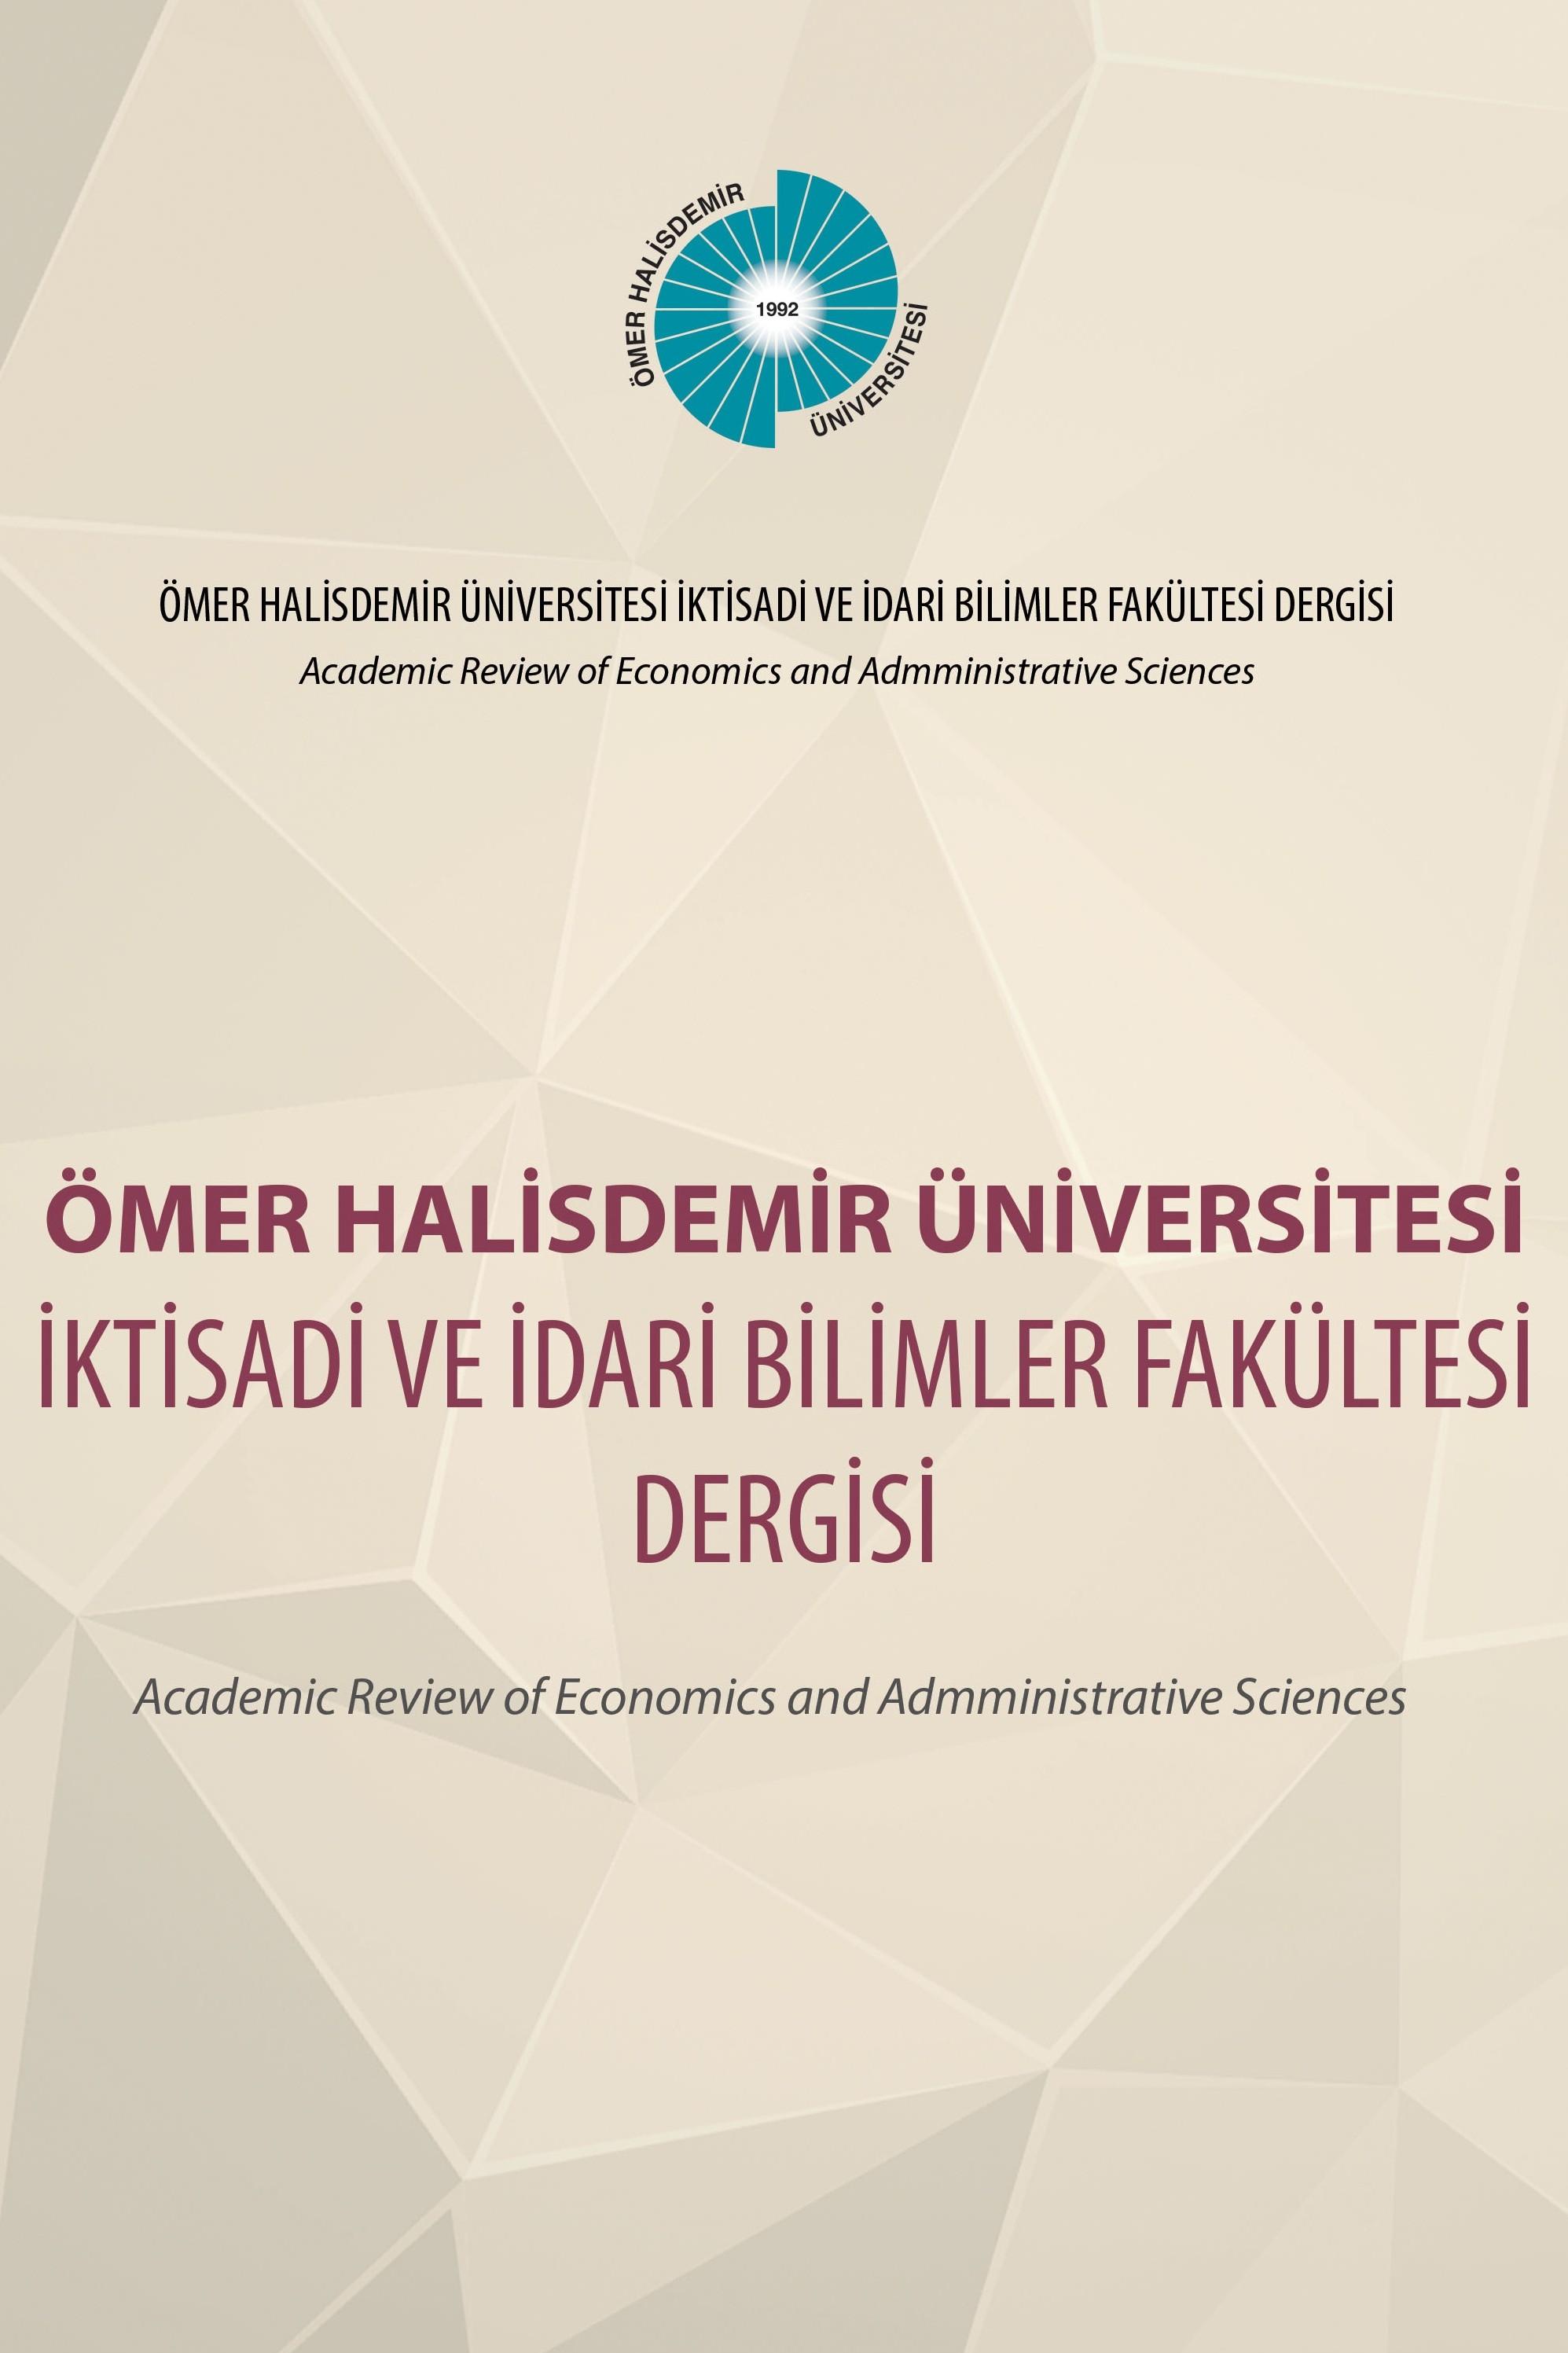 Ömer Halisdemir Üniversitesi İktisadi ve İdari Bilimler Fakültesi Dergisi